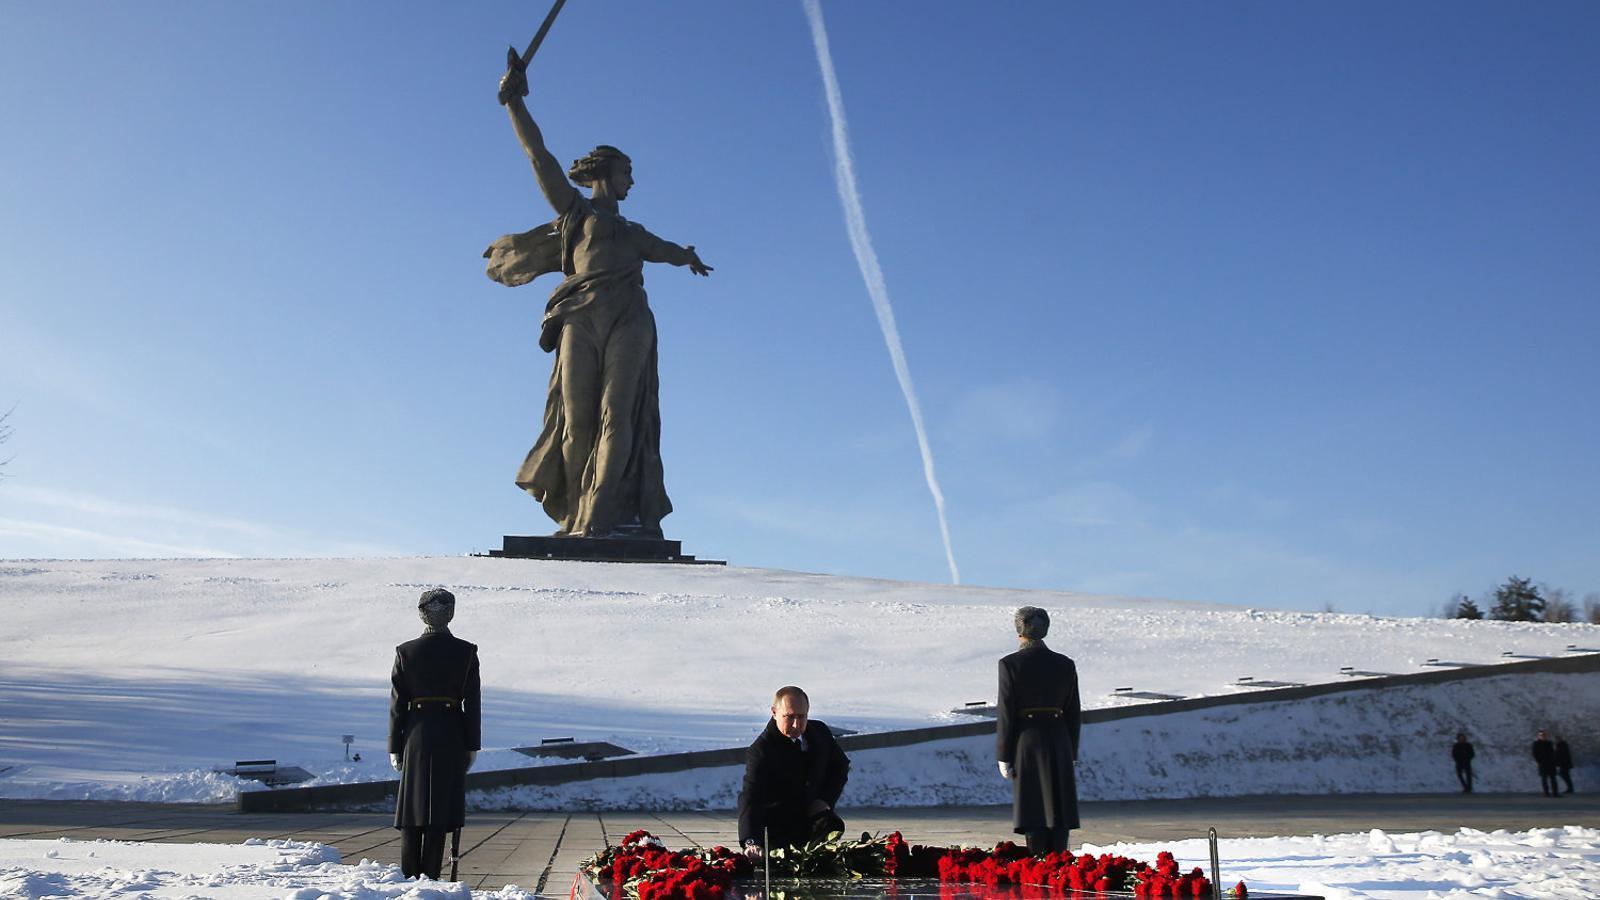 El president rus, Vladímir Putin, fent una ofrena a l'exterior del Memorial Mamàiev Kurgan, a Volgograd, l'antiga Stalingrad, on es ret homenatge als morts en la batalla i es recorda la victòria sobre els nazis. El 2 de febrer del 2018 se'n va celebrar el 75è aniversari.